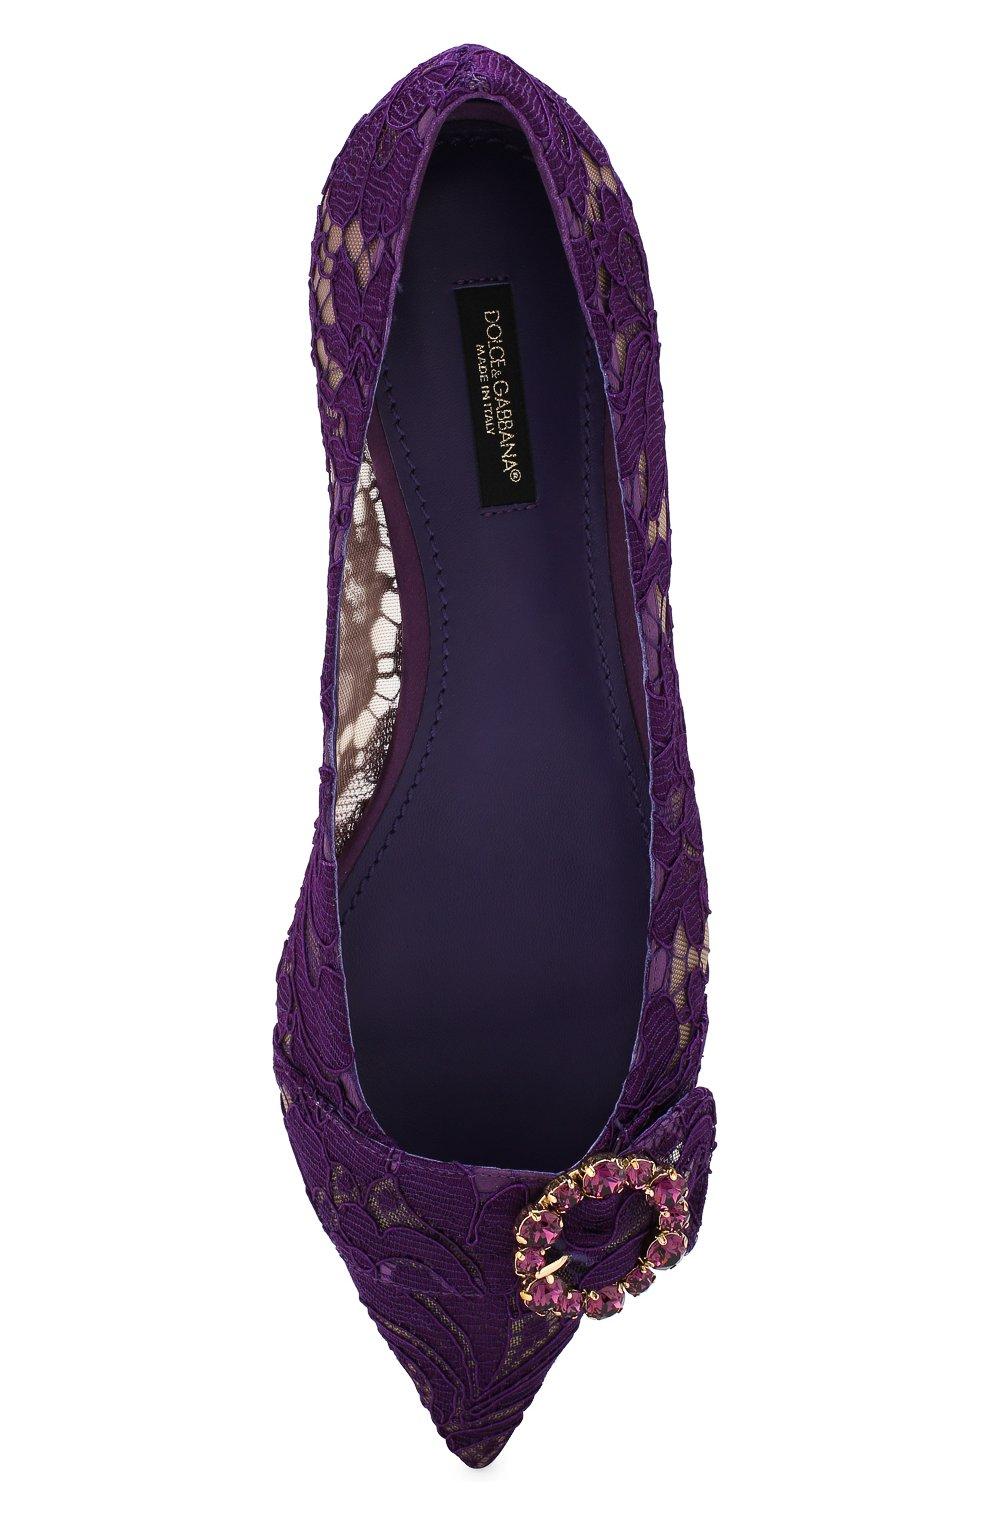 Кружевные балетки Bellucci с брошью Dolce & Gabbana сиреневые | Фото №5